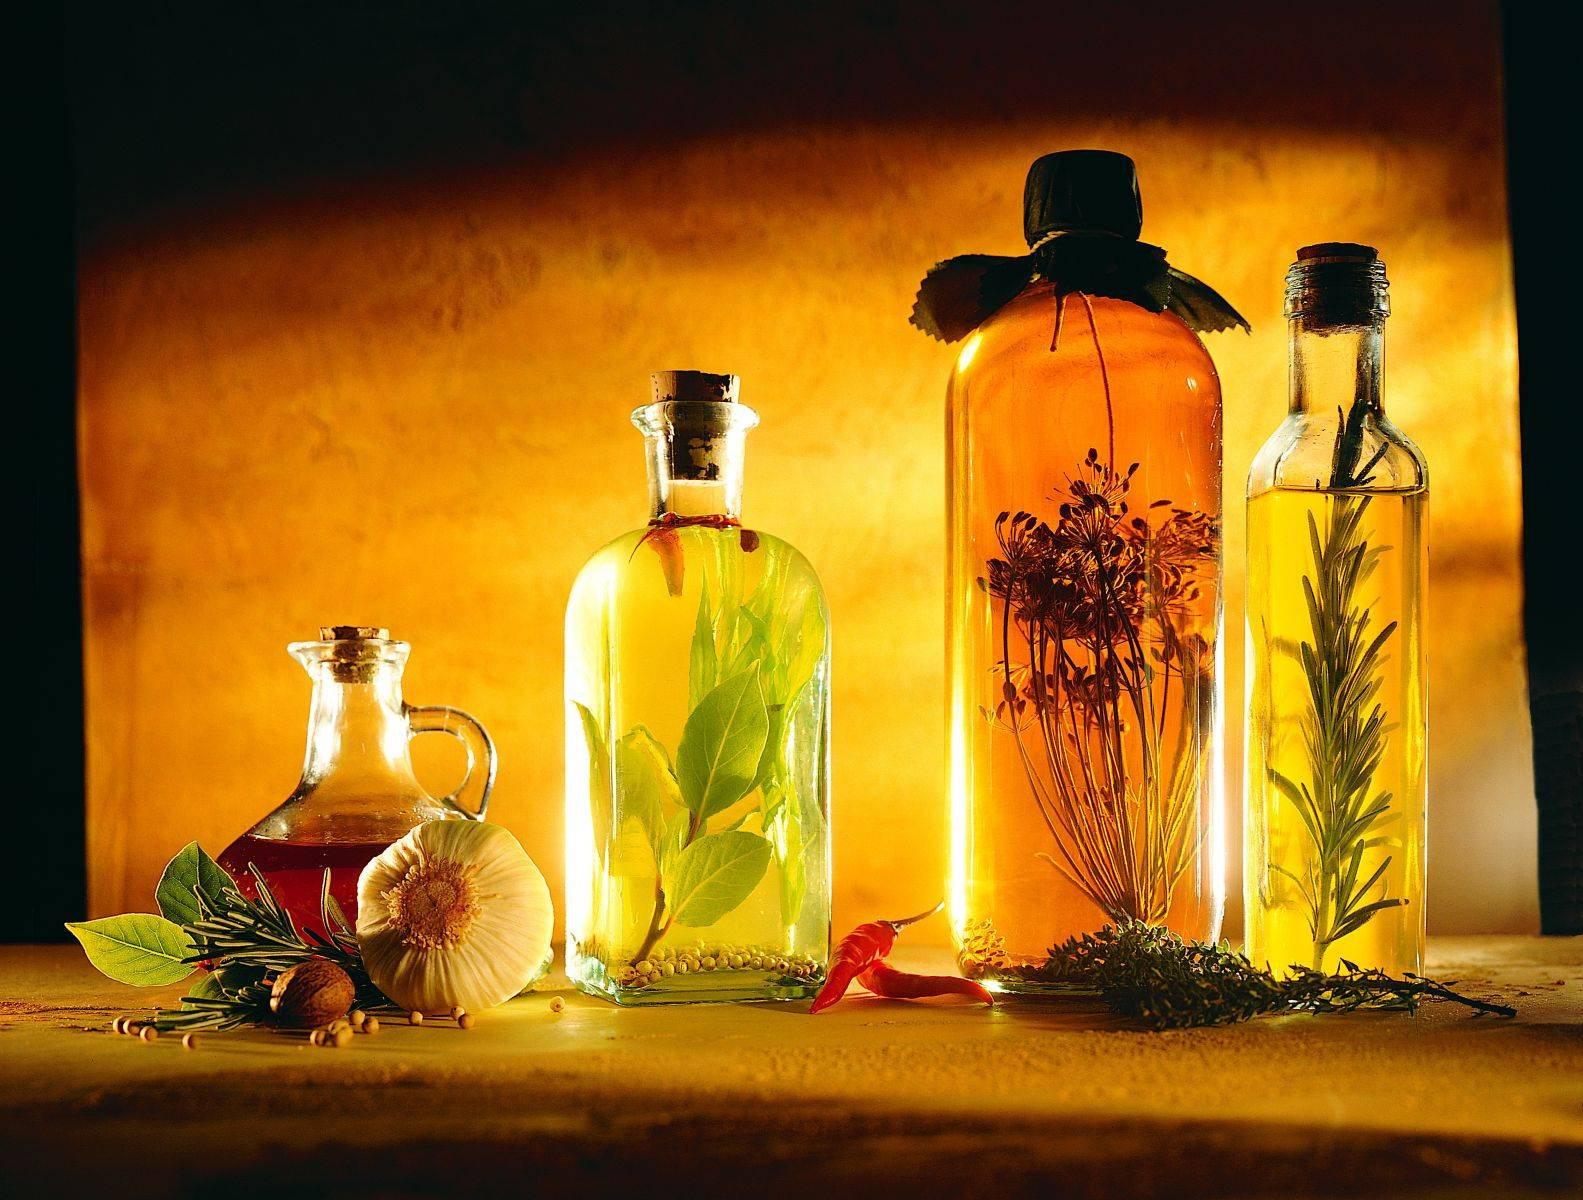 Чайное дерево масло применение в магии. масло «быстрые деньги». магические свойства эфирных масел